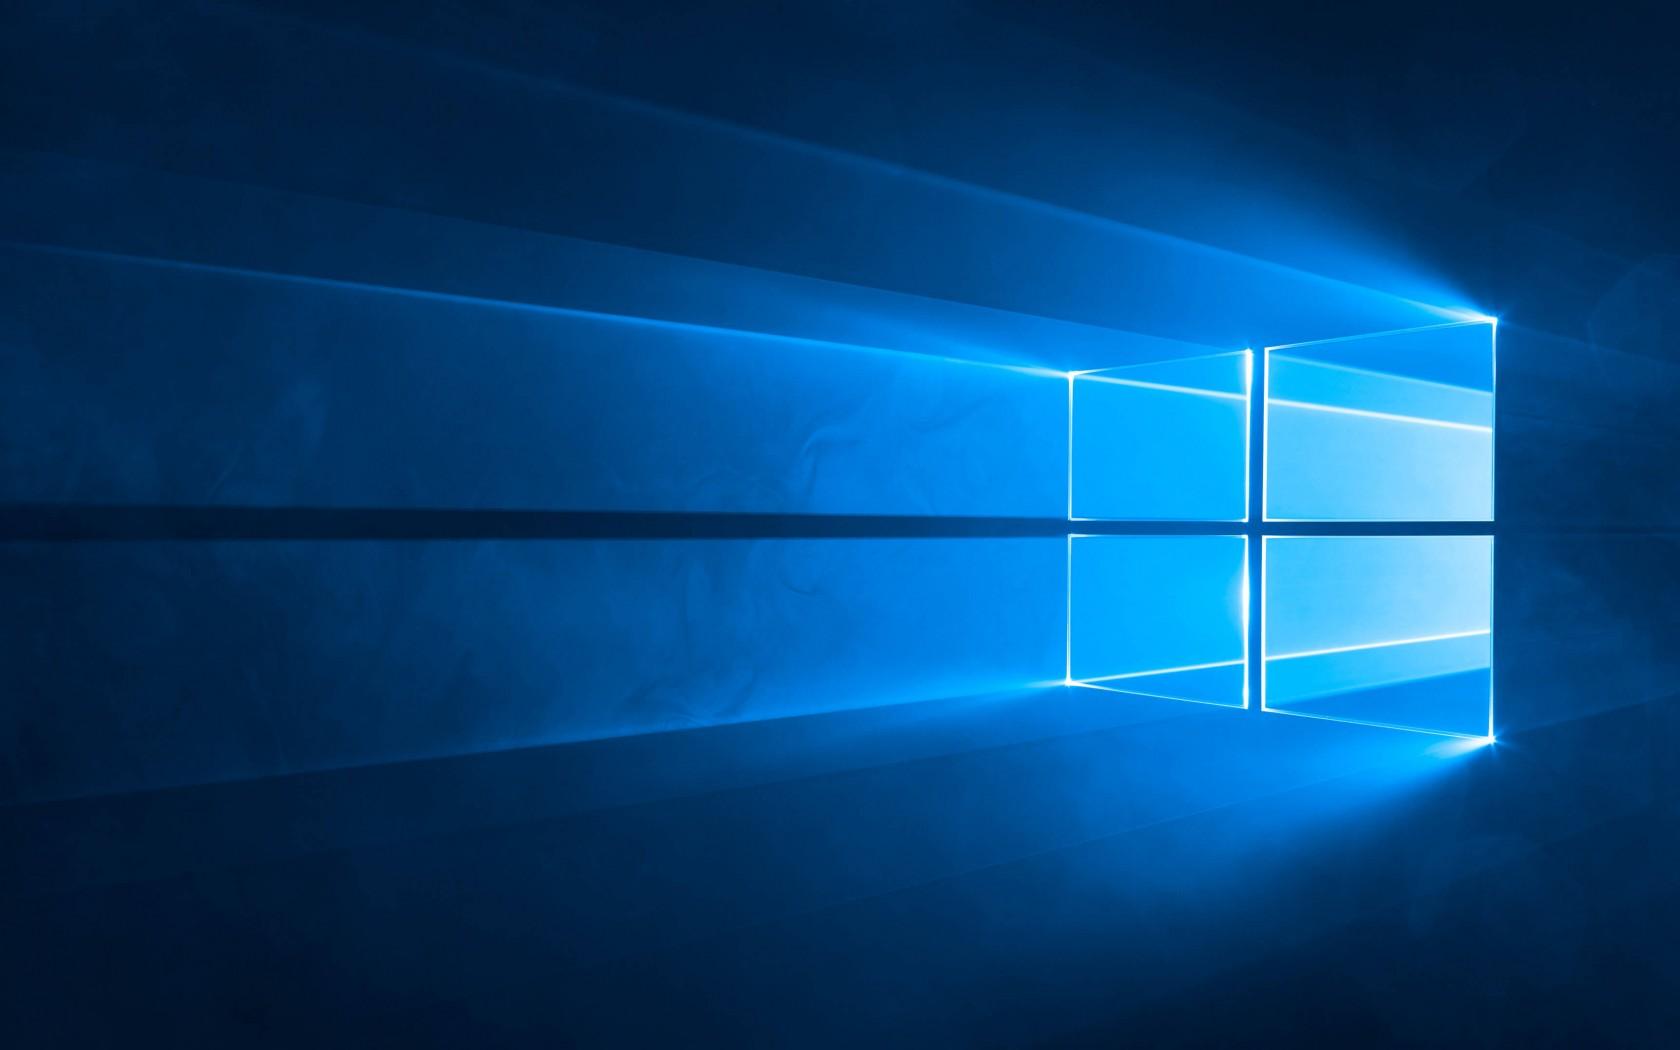 Windows 10 Official HD wallpaper for 1680 x 1050 - HDwallpapers.net